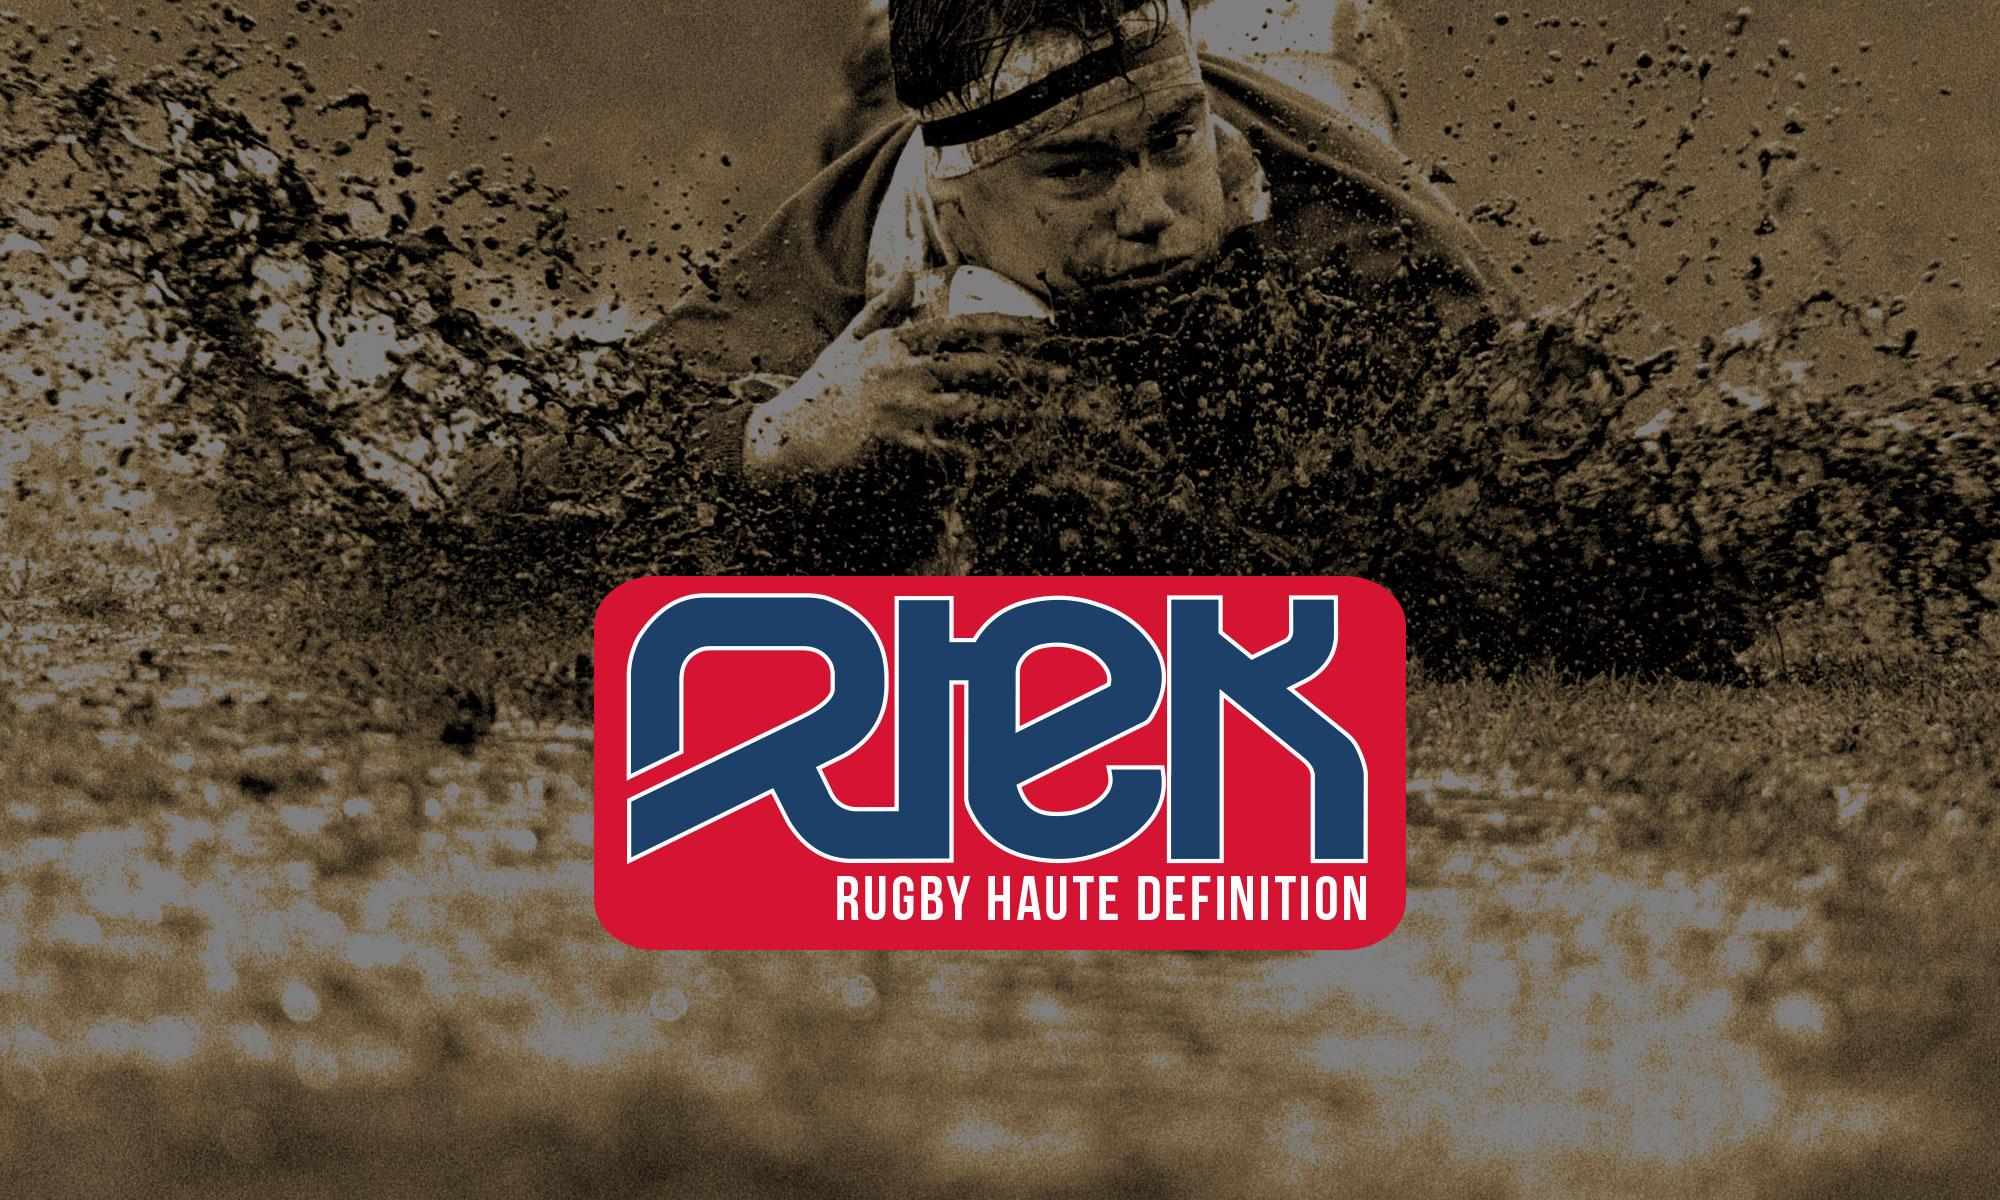 Rtek Rugby